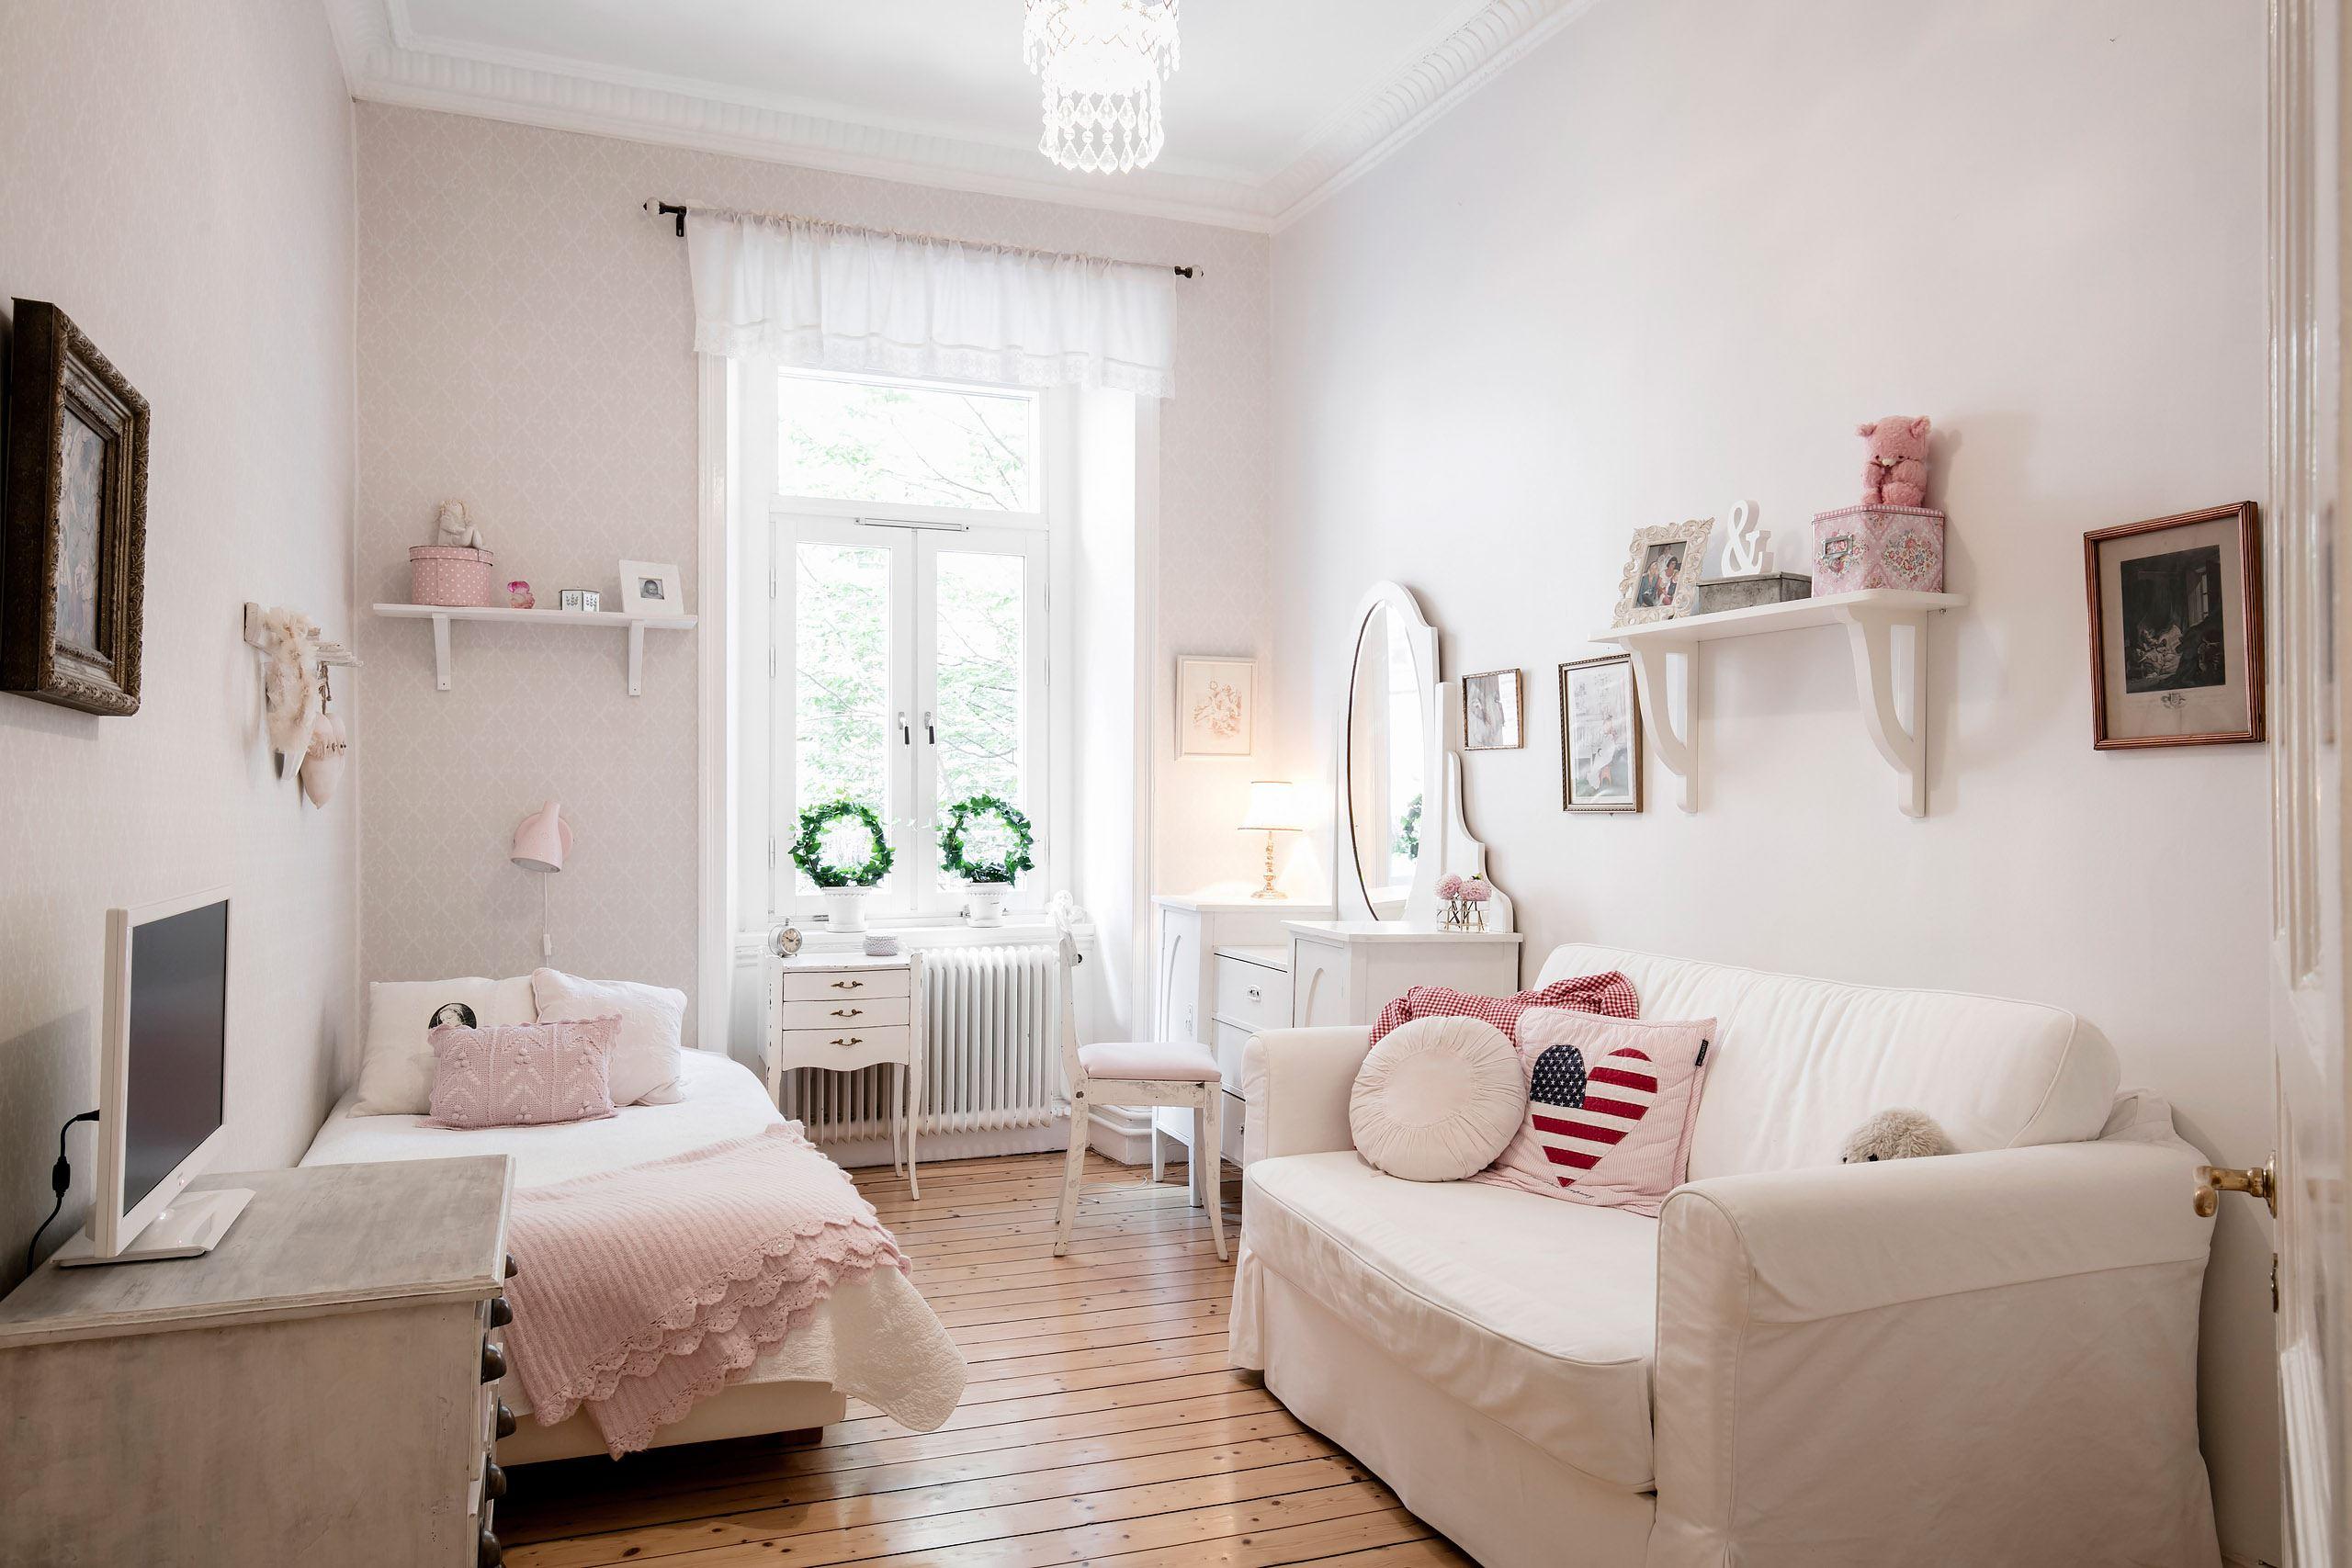 детская комната спальня кровать диван комод зеркало